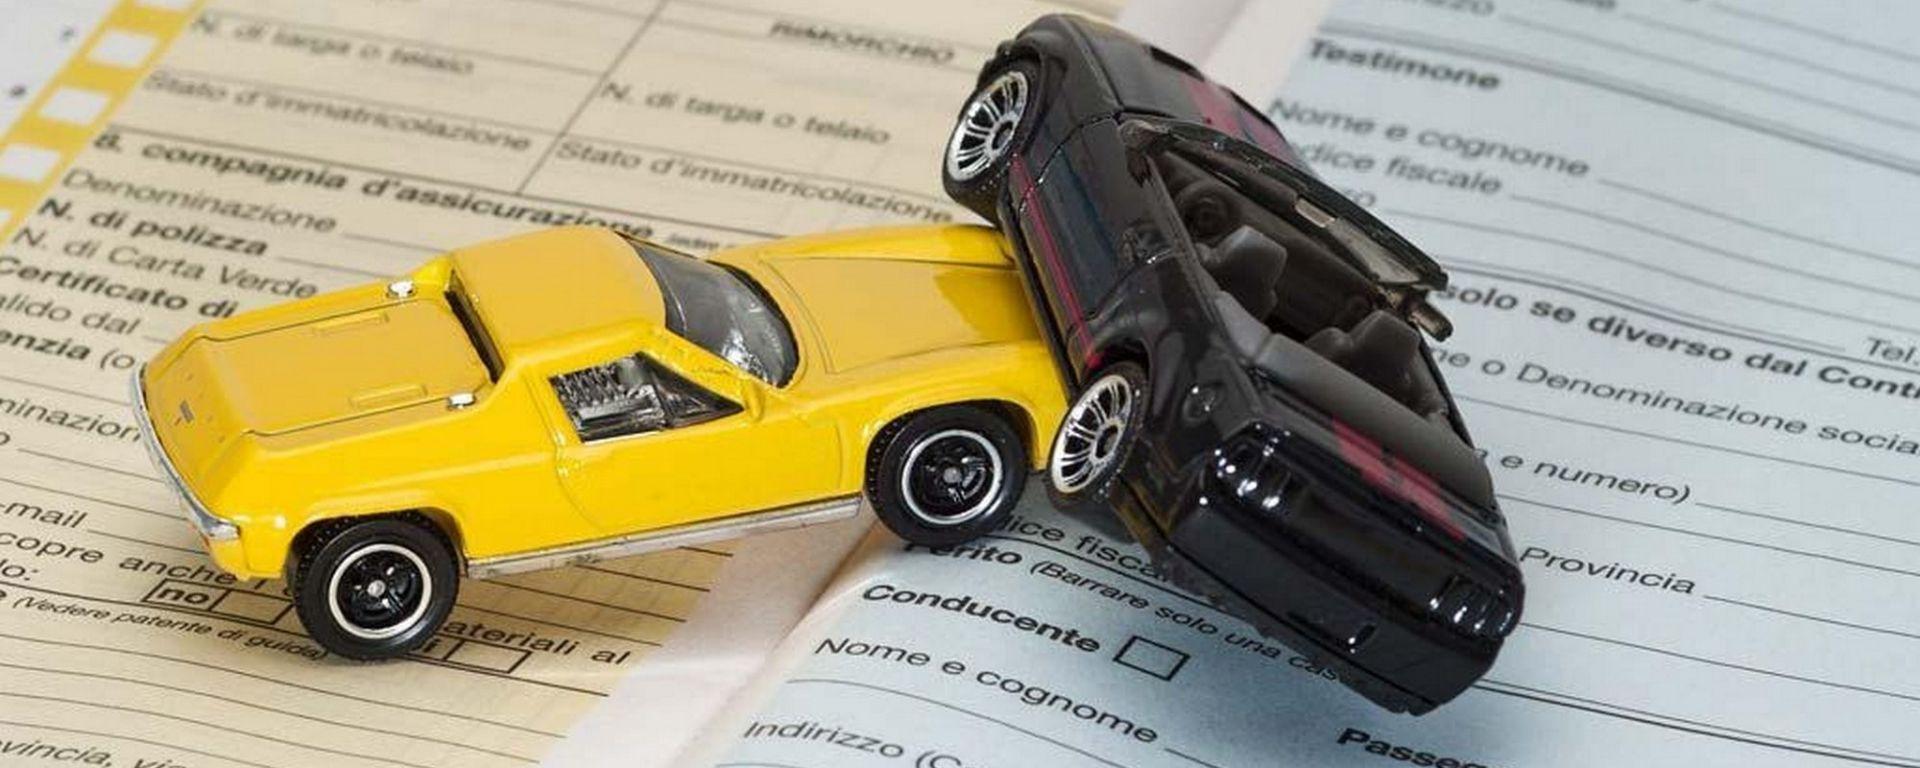 Copertura RC Auto, la Cassazione fa chiarezza